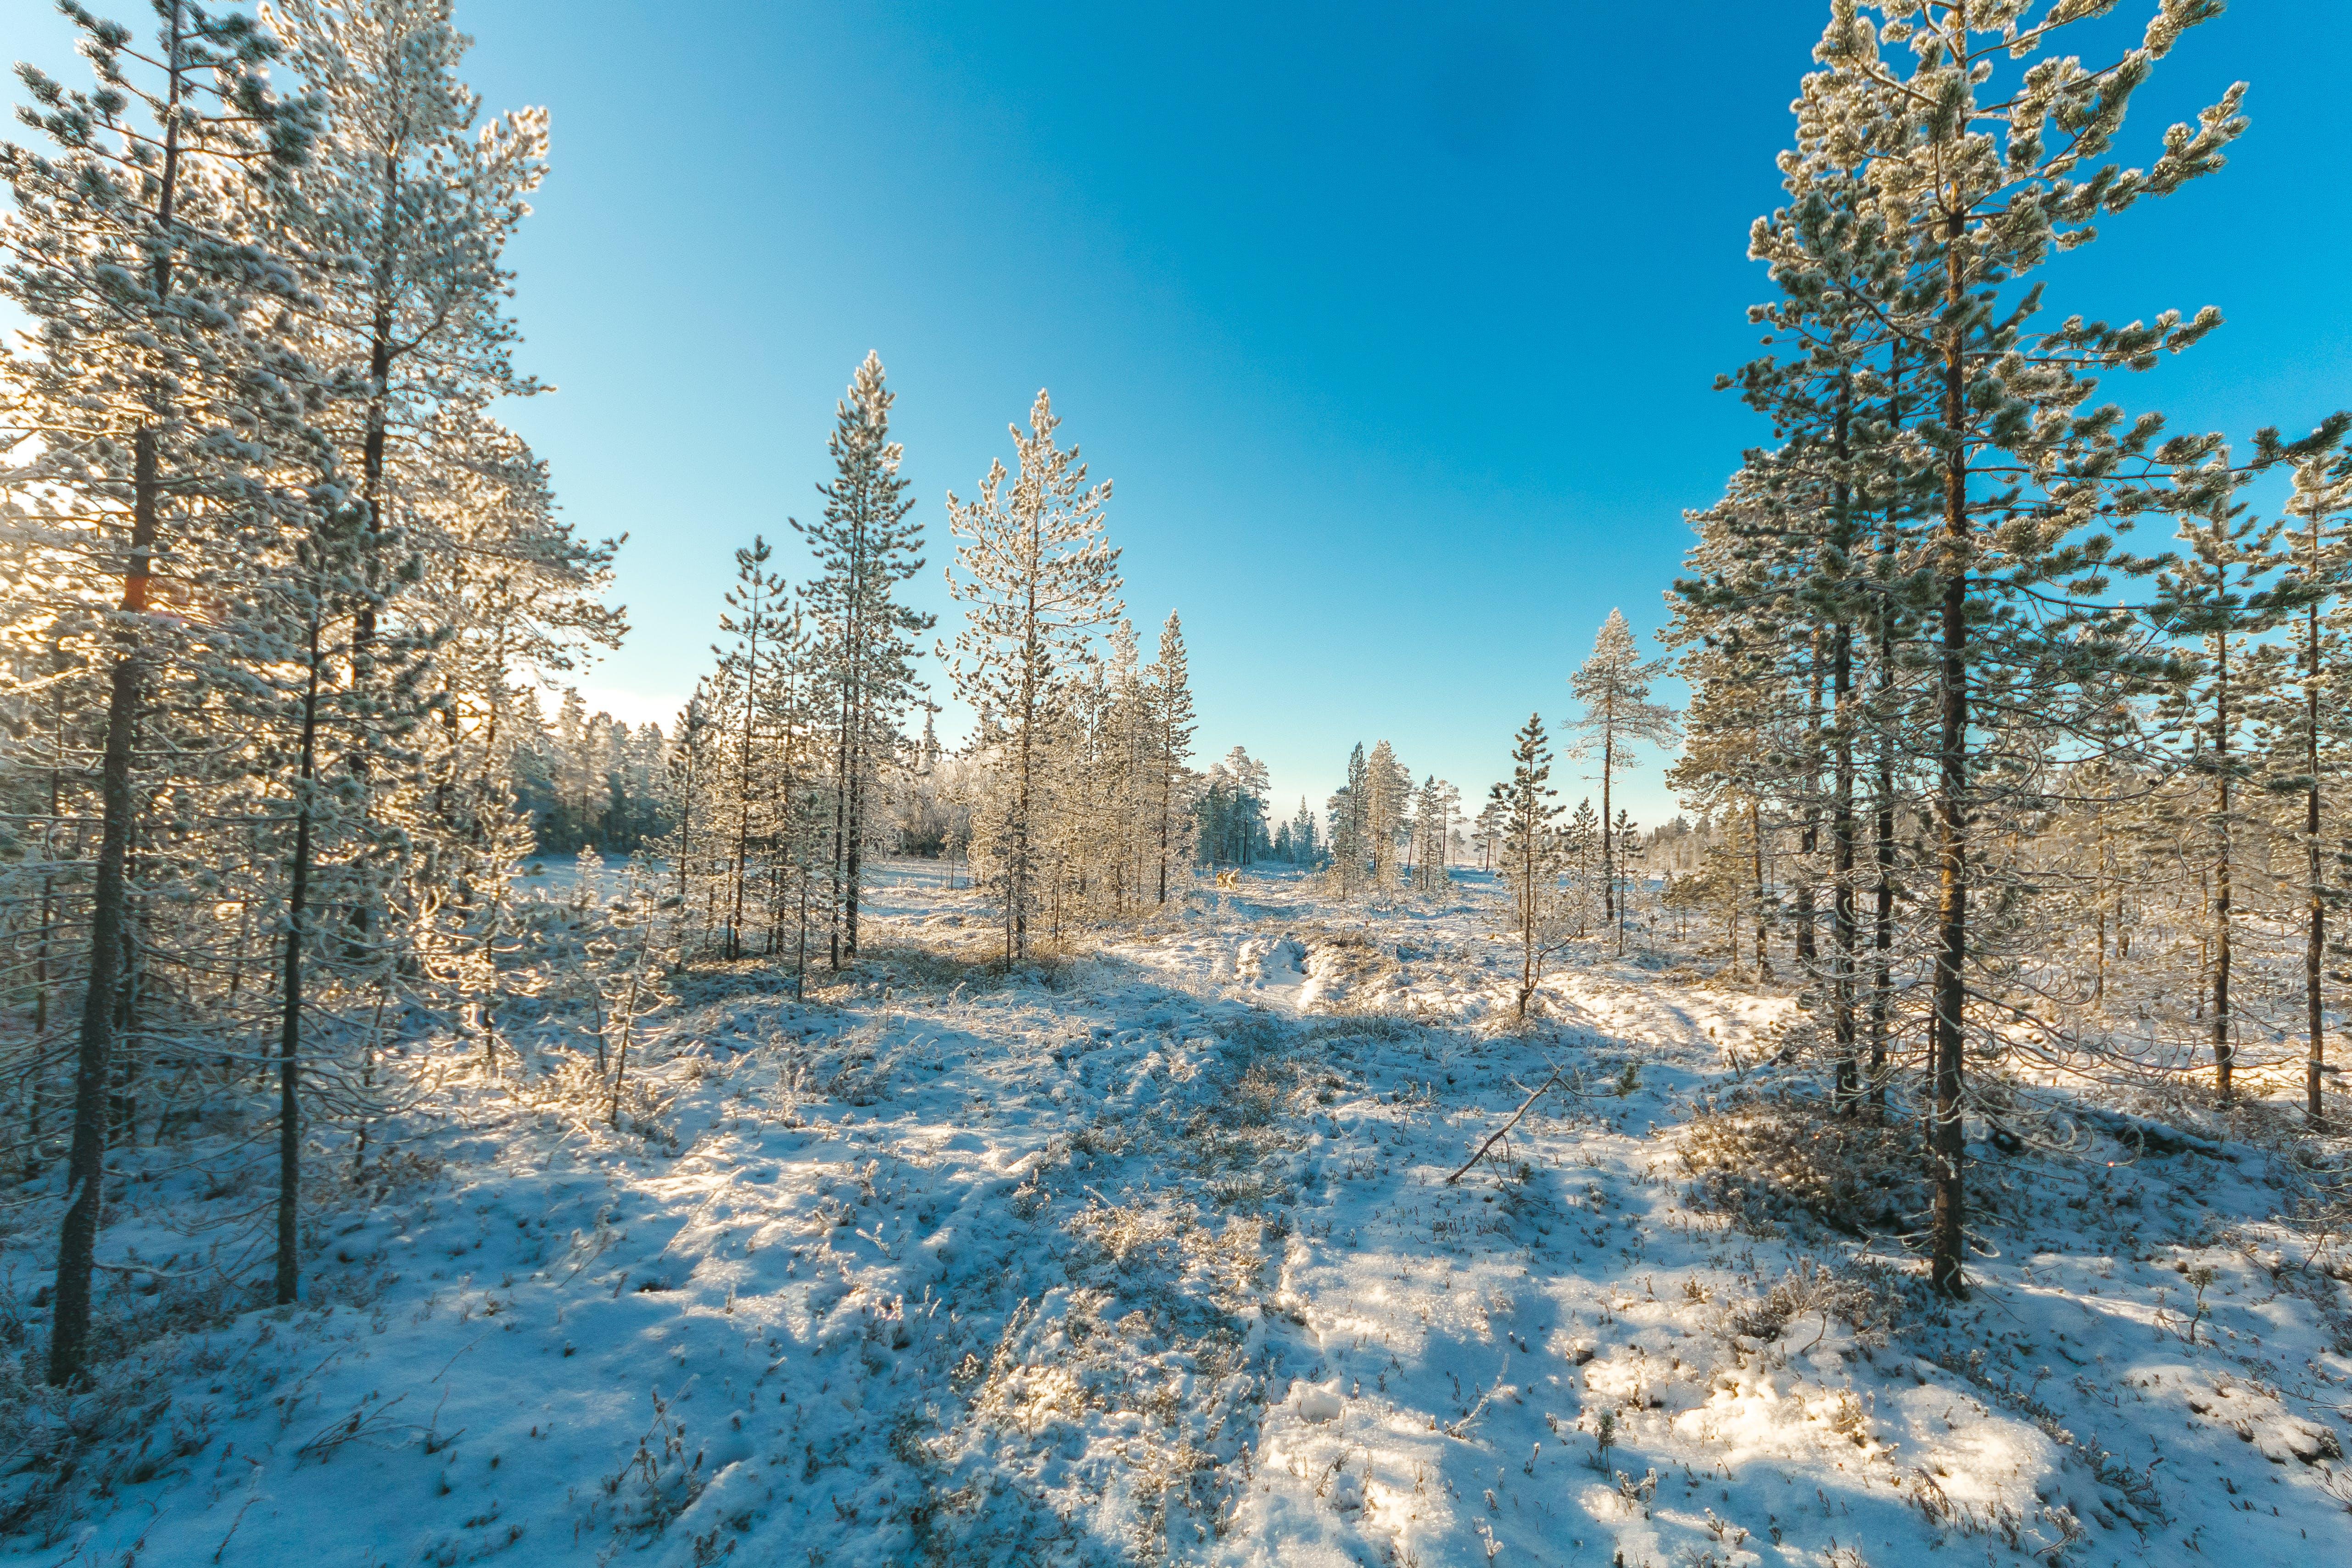 Kostenloses Stock Foto zu bäume, einfrieren, frost, gefroren